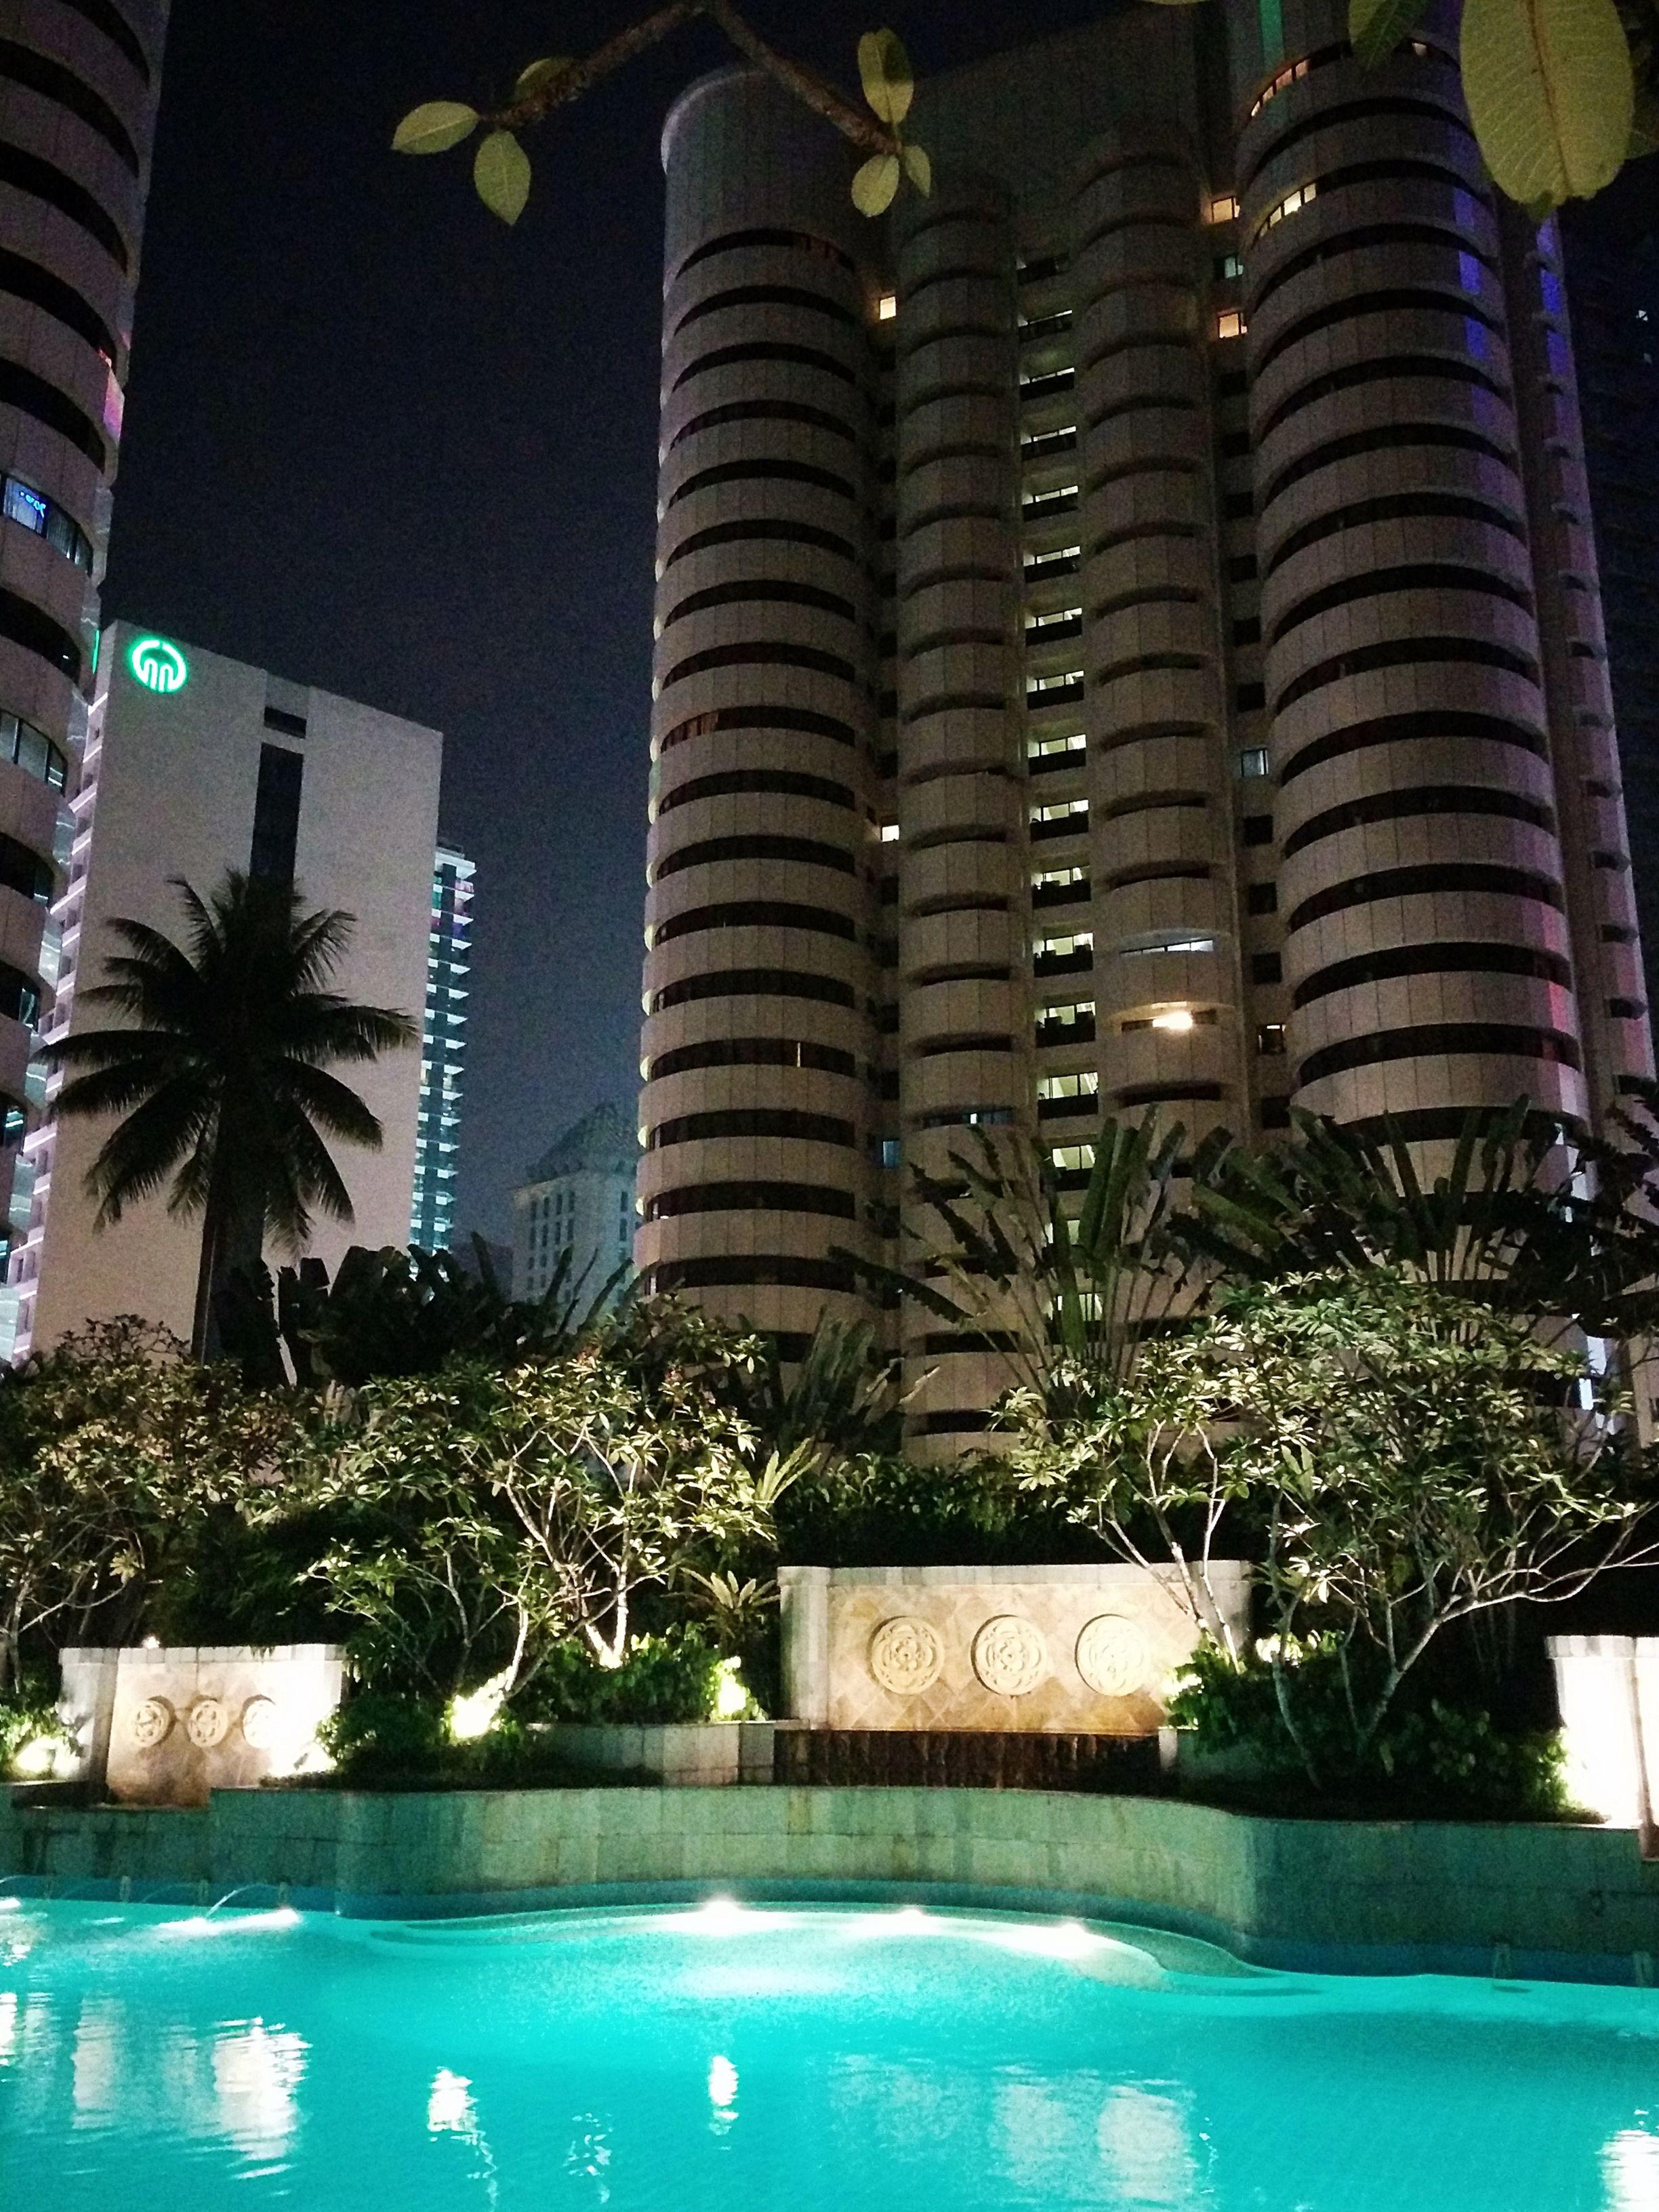 Pool View At The Shangri La Hotel In Kuala Lumpur Malaysia